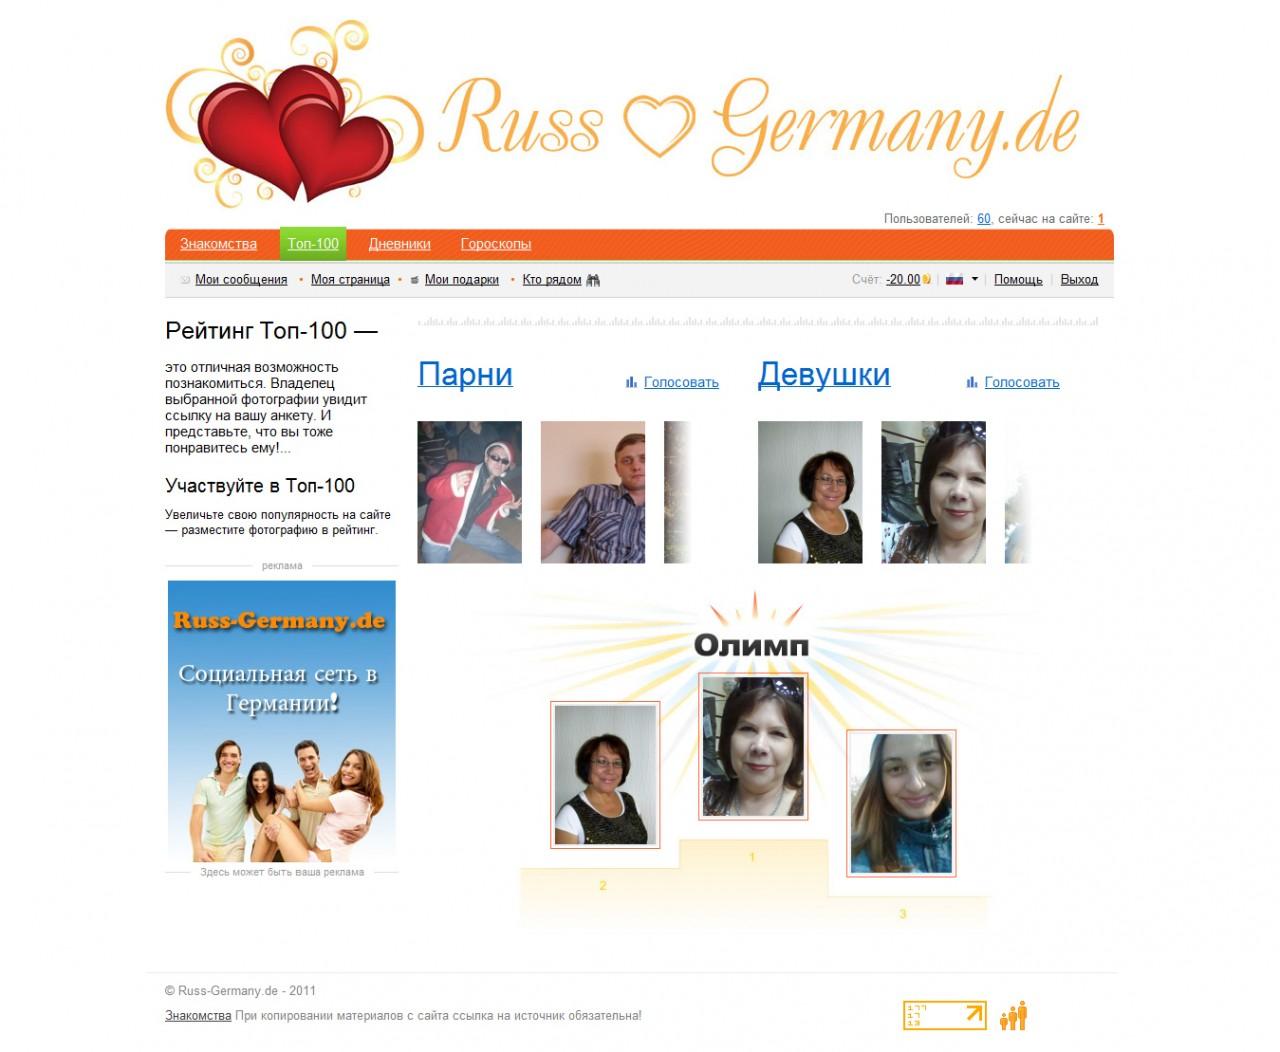 знакомств междунородный сайты